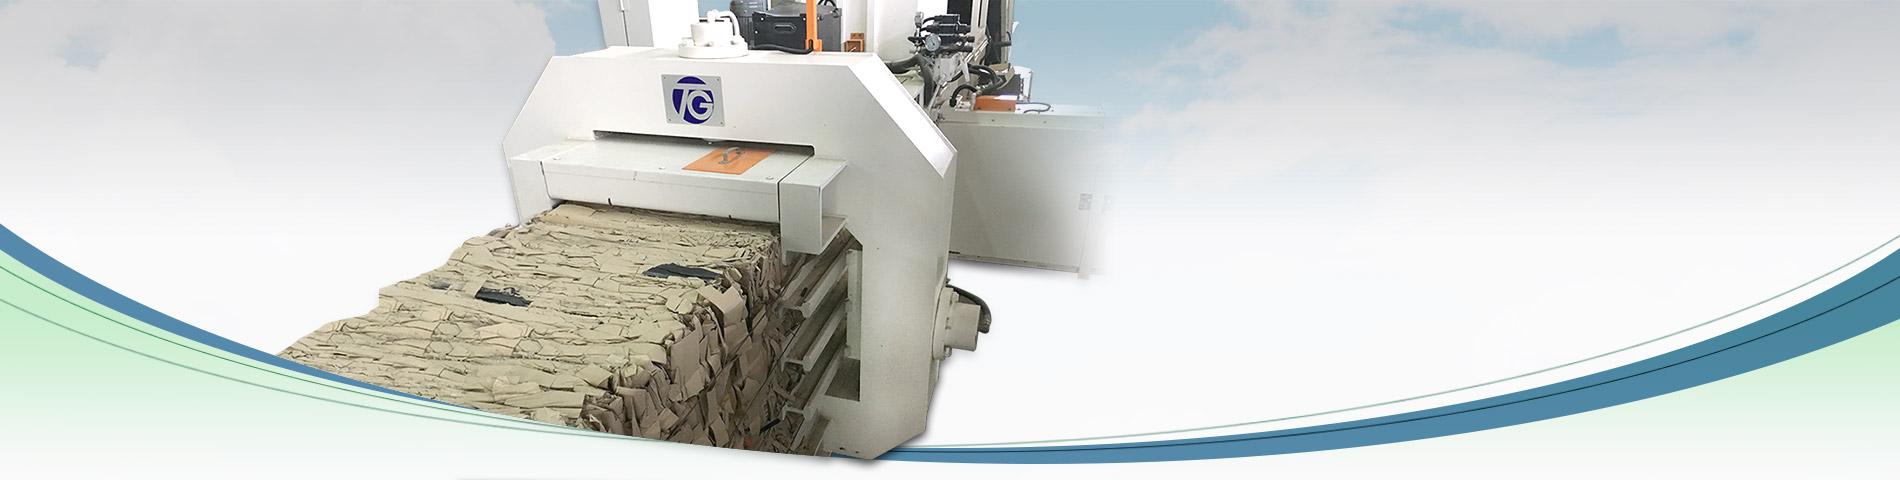 全球热销的   废纸自动捆包机